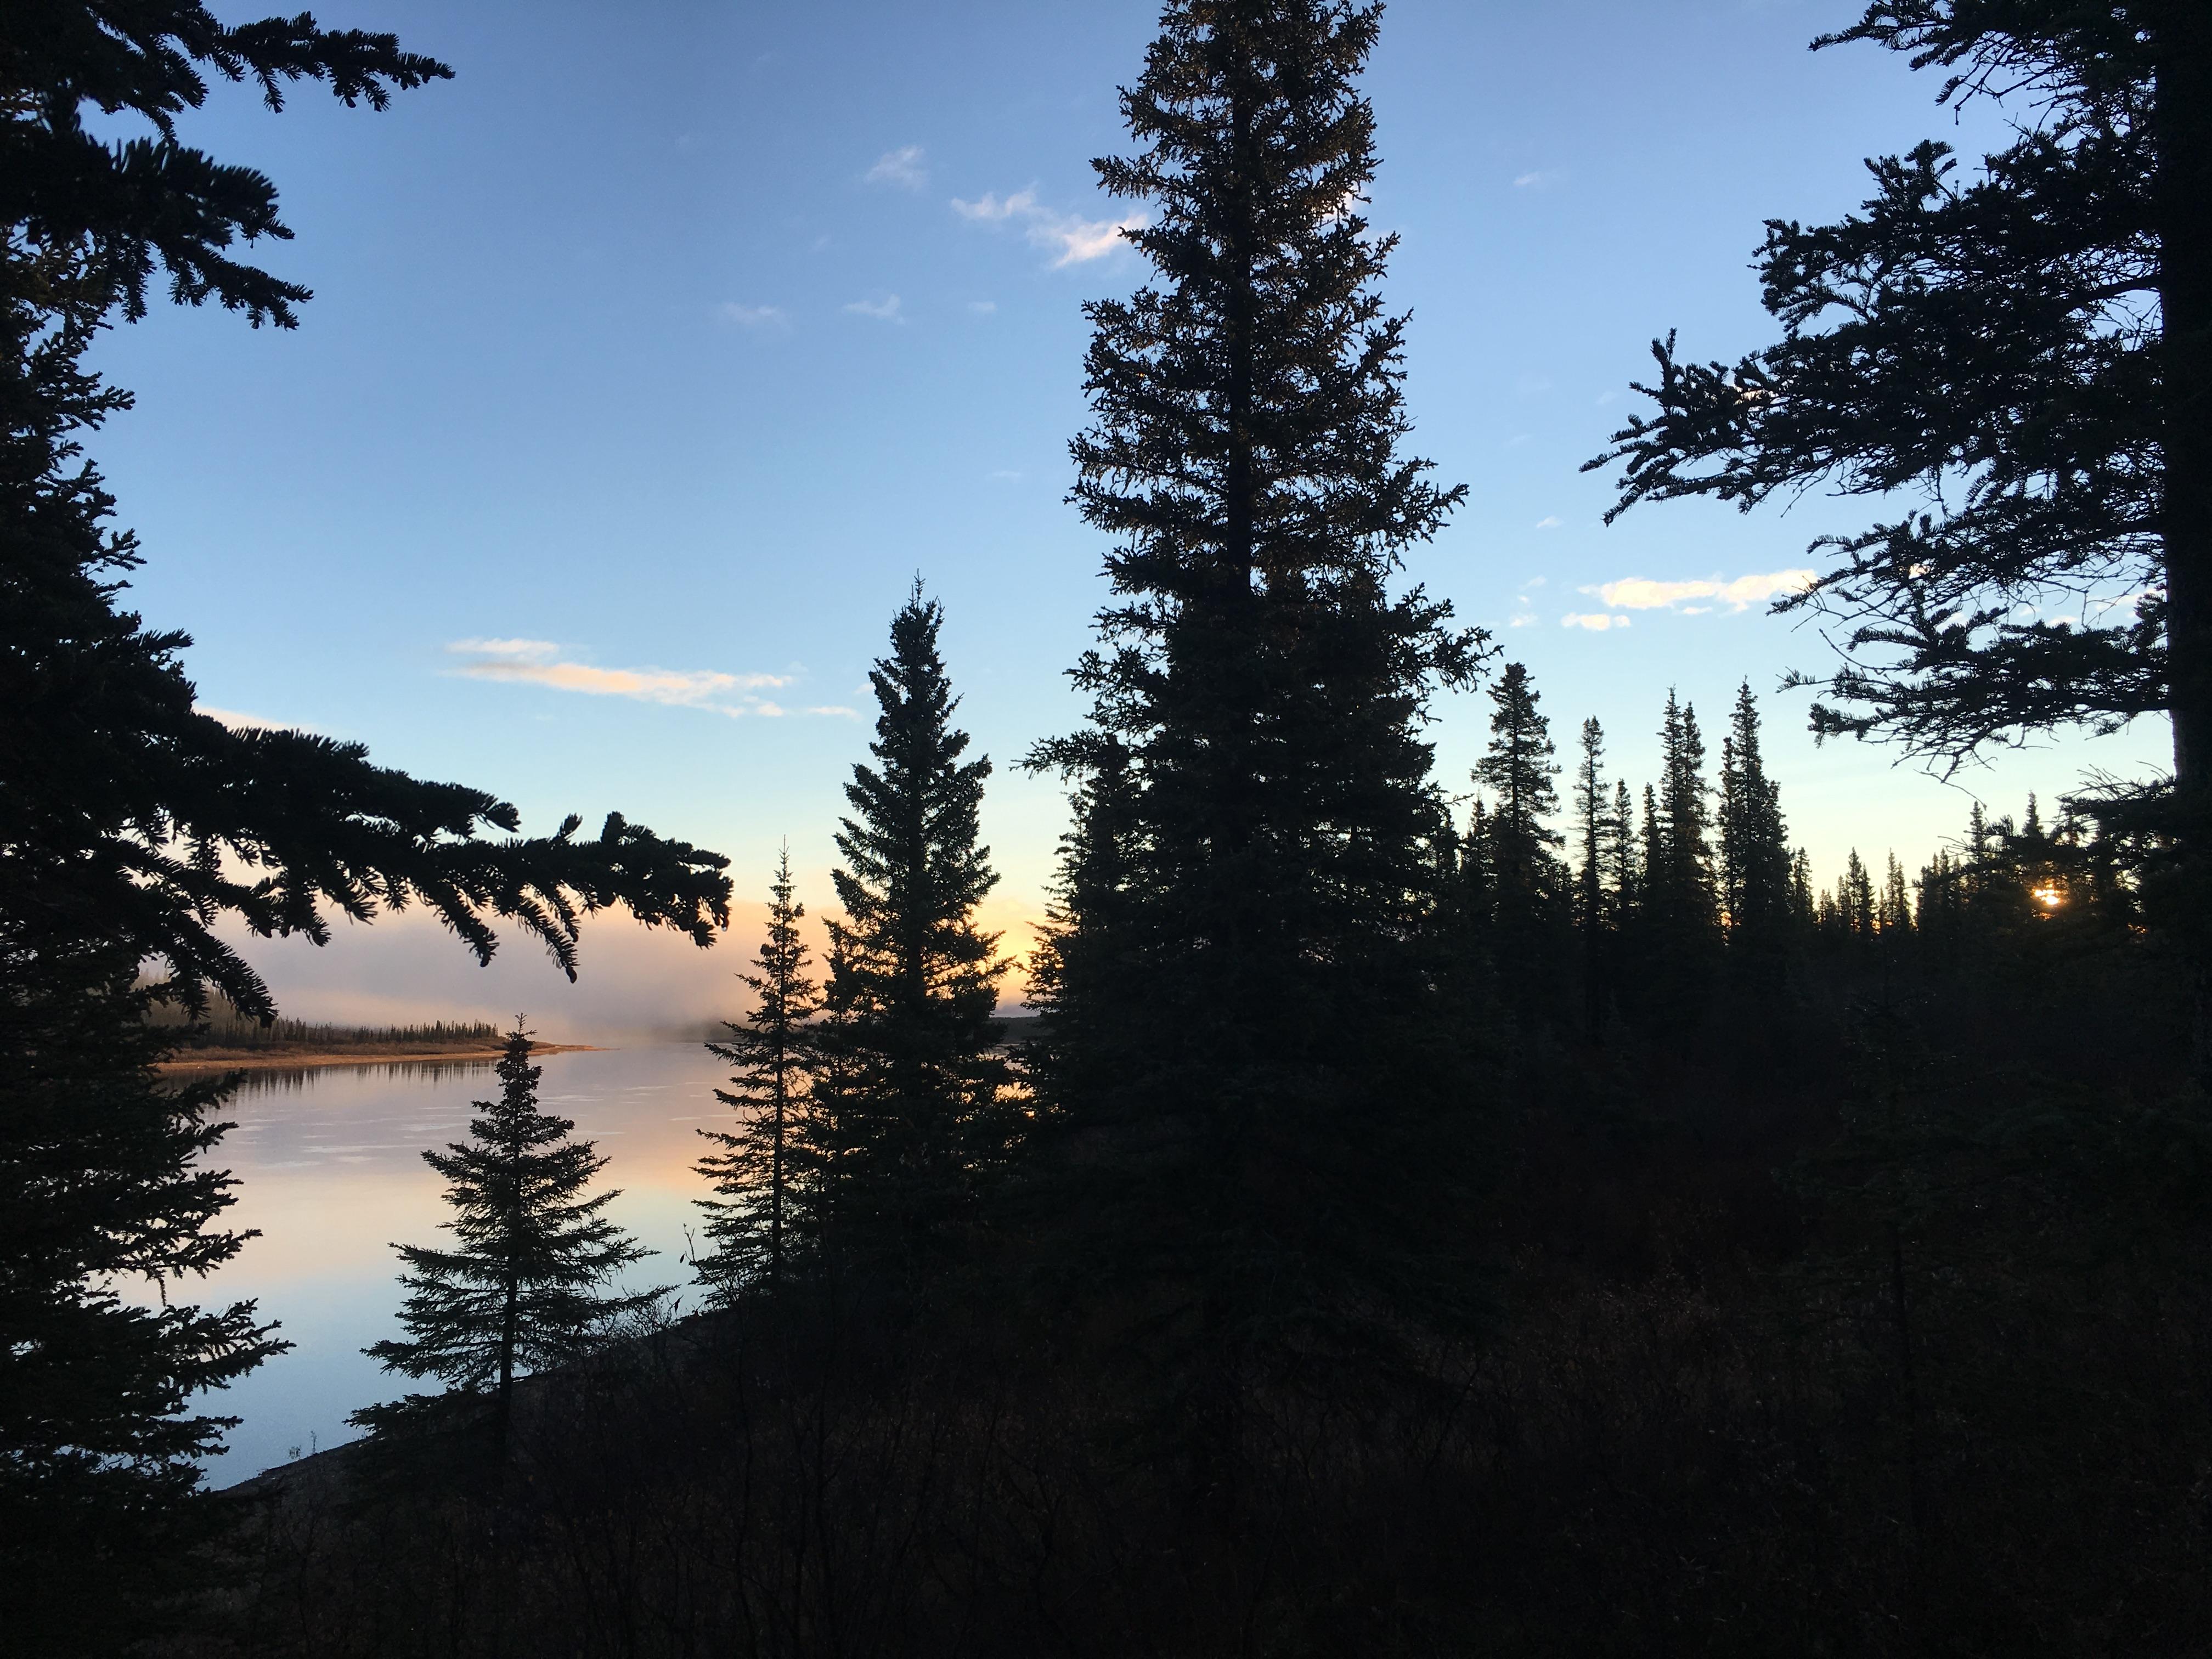 The sun rises on the Kobuk River. (Laureli Ivanoff) ONE TIME USE